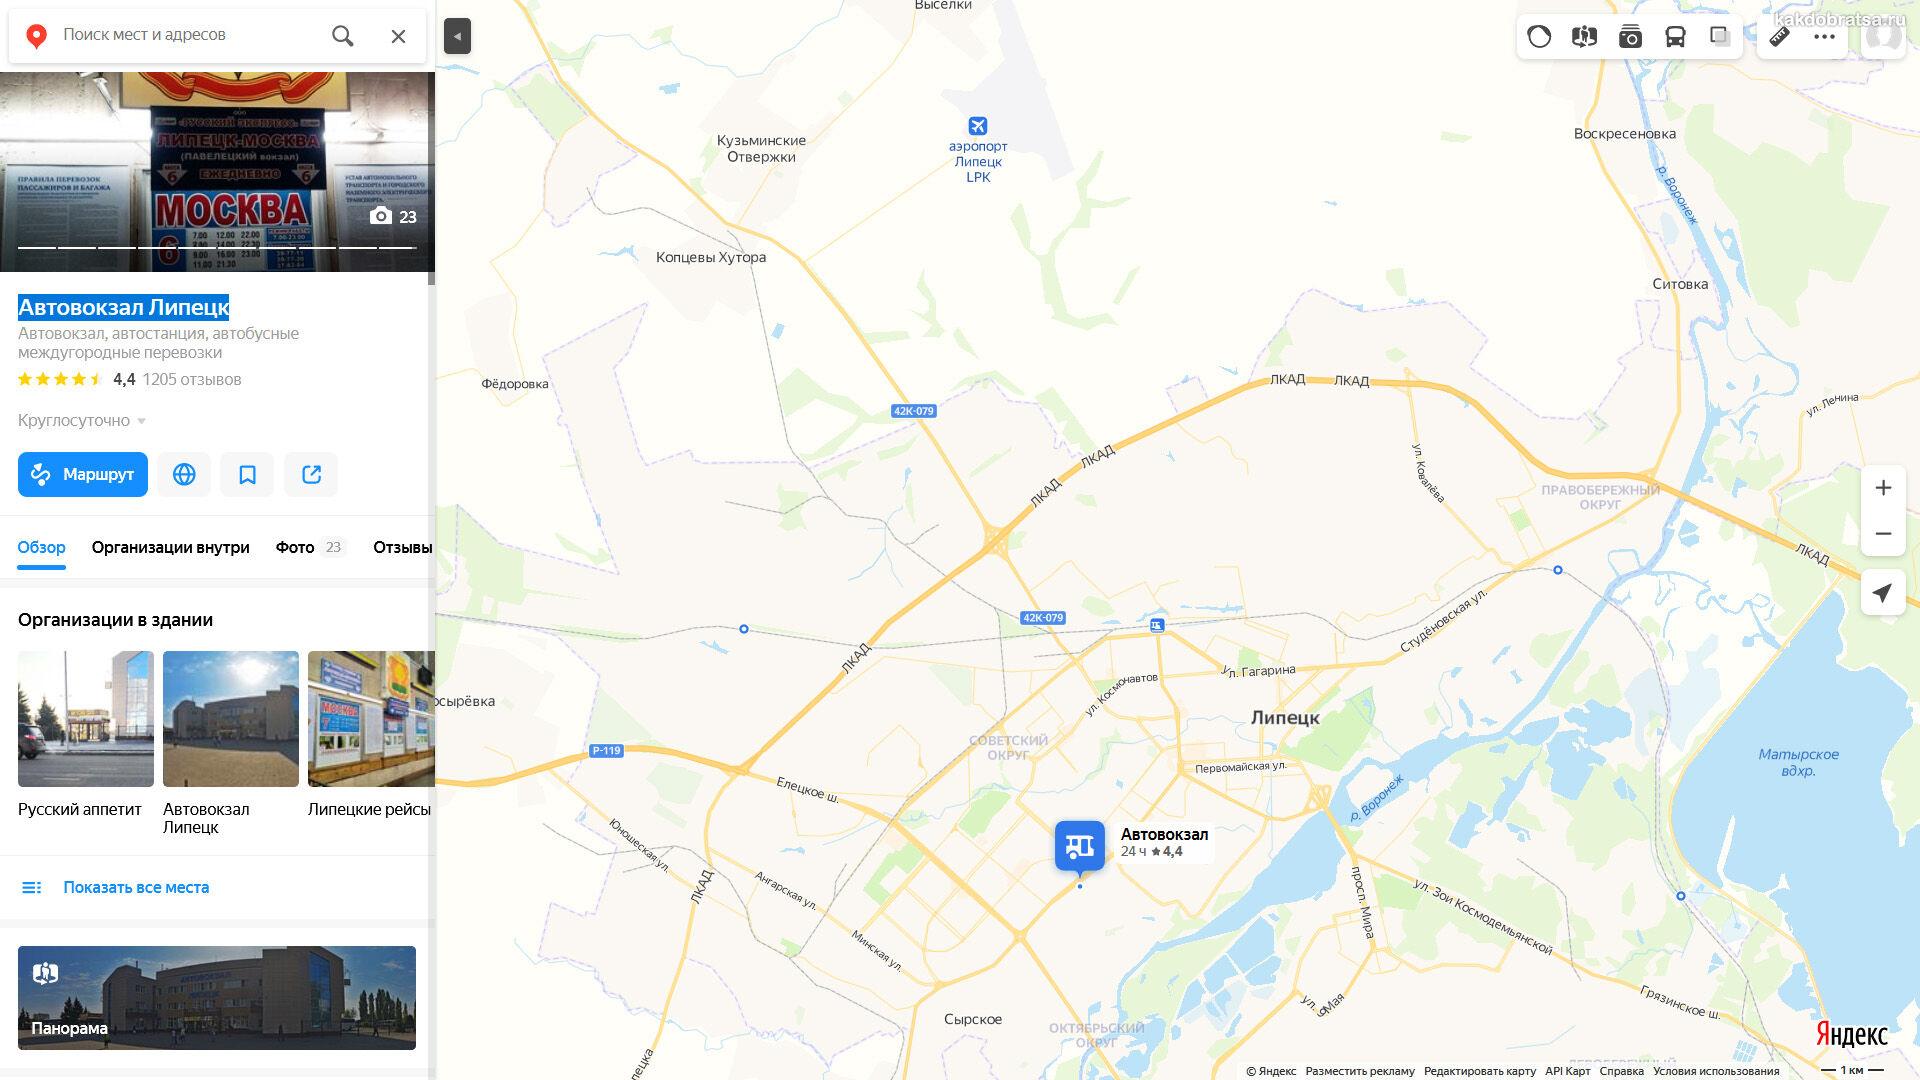 Автовокзал Липецк на карте и как добраться